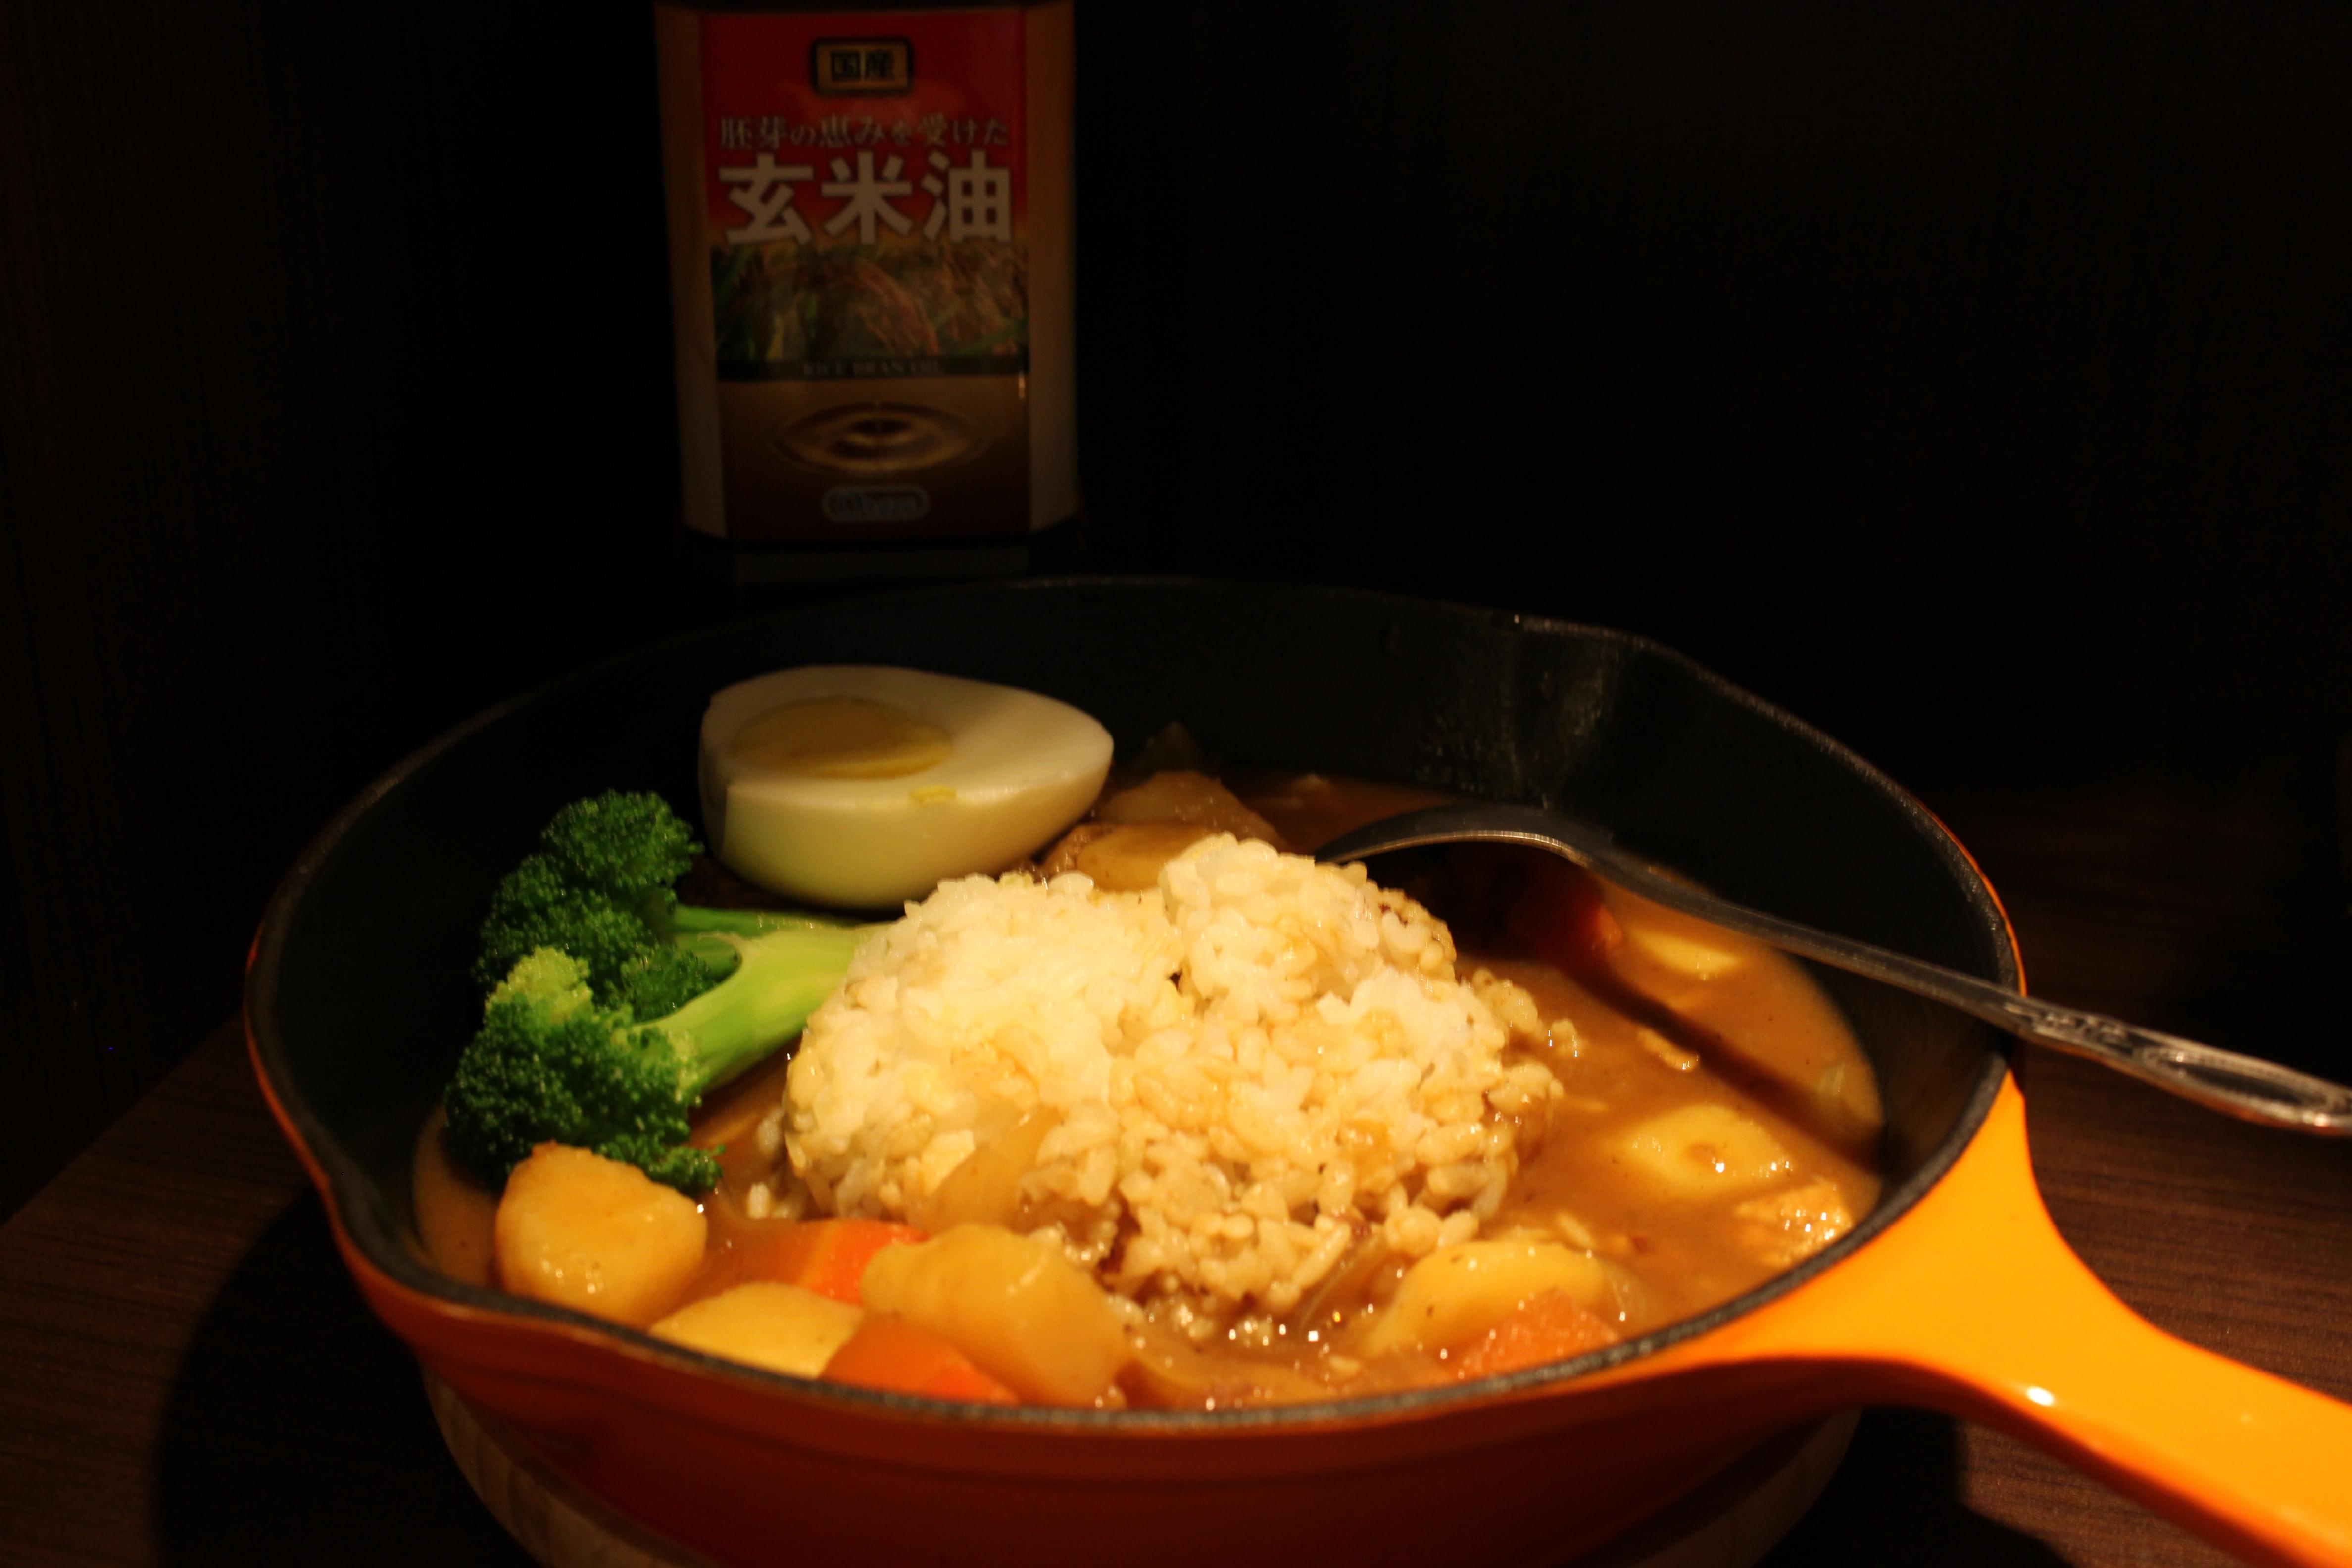 咖哩豬肉燴飯【味蕾周記】